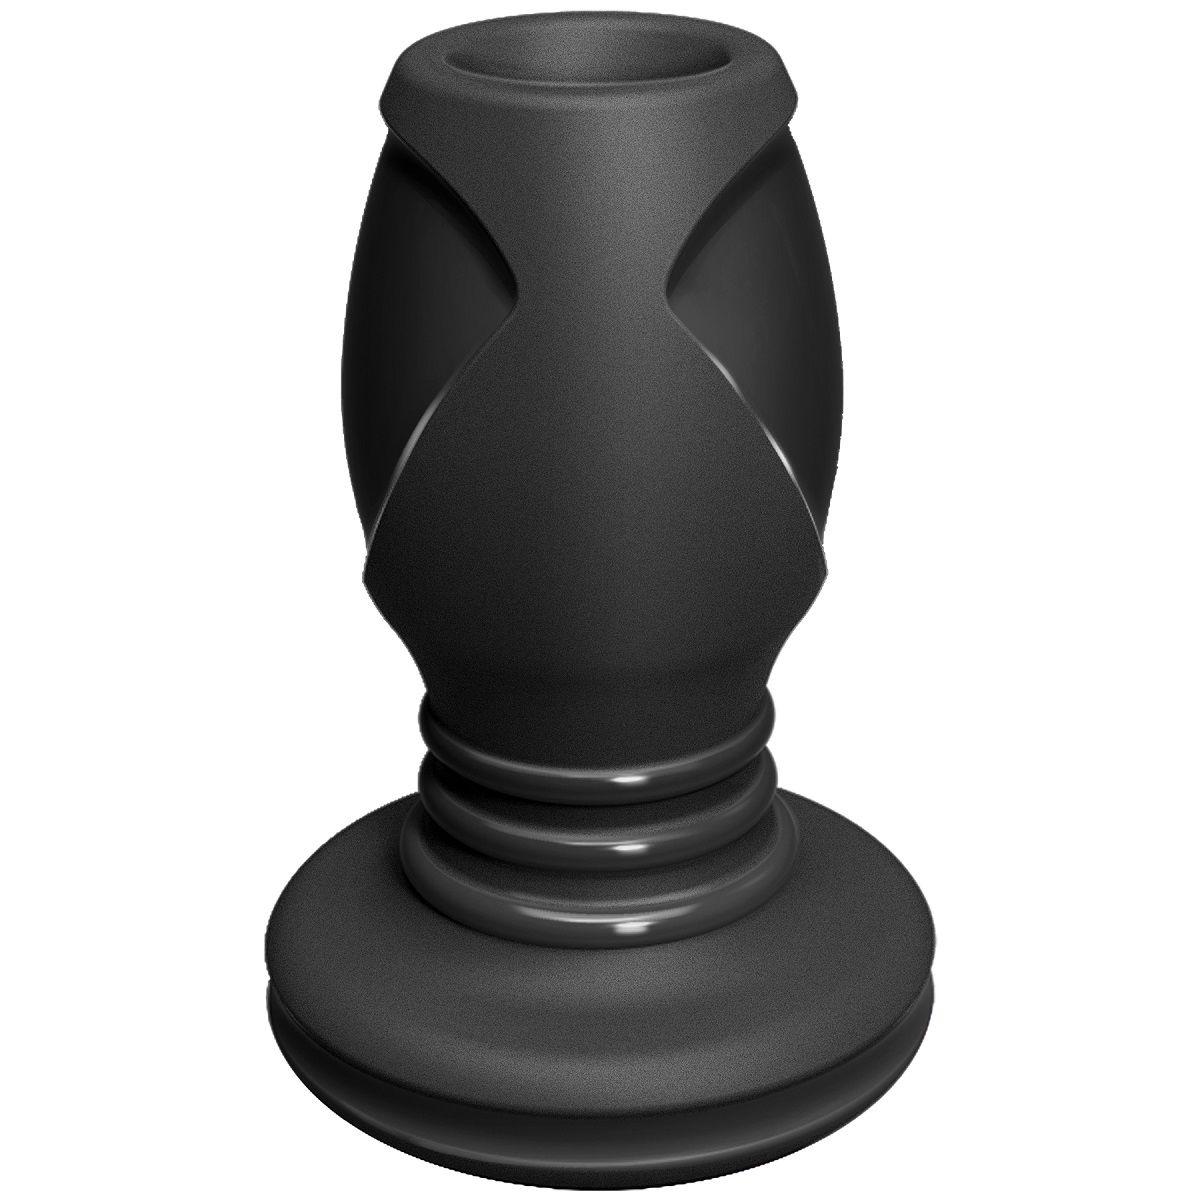 Чёрная анальная пробка с отверстием The Stretch Medium - 10,7 см.